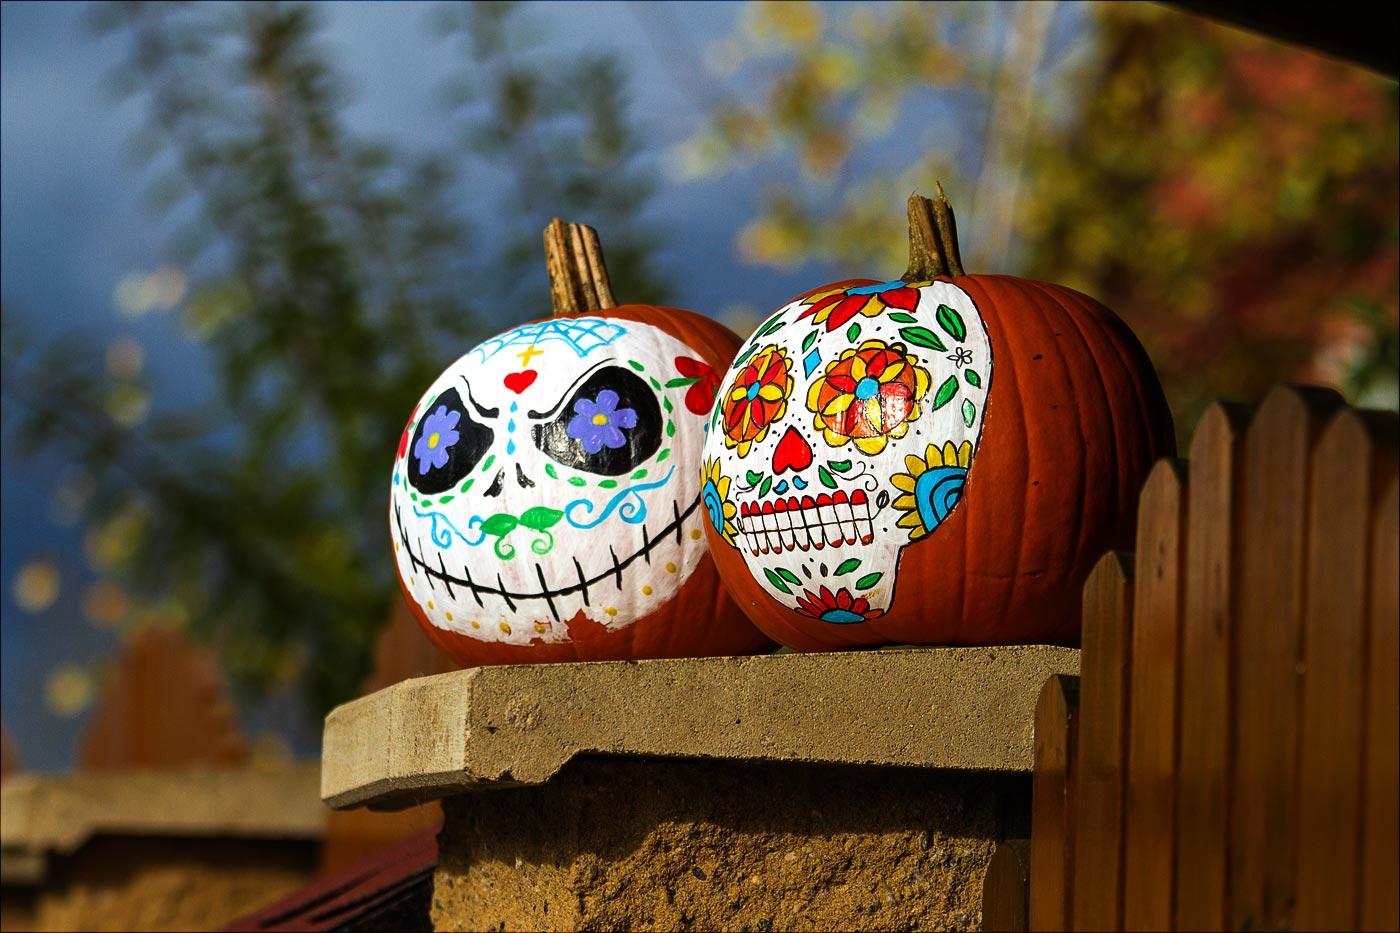 http://countryczech.com/wp-content/uploads/2016/11/photos/20161030-125714_Halloween.jpg